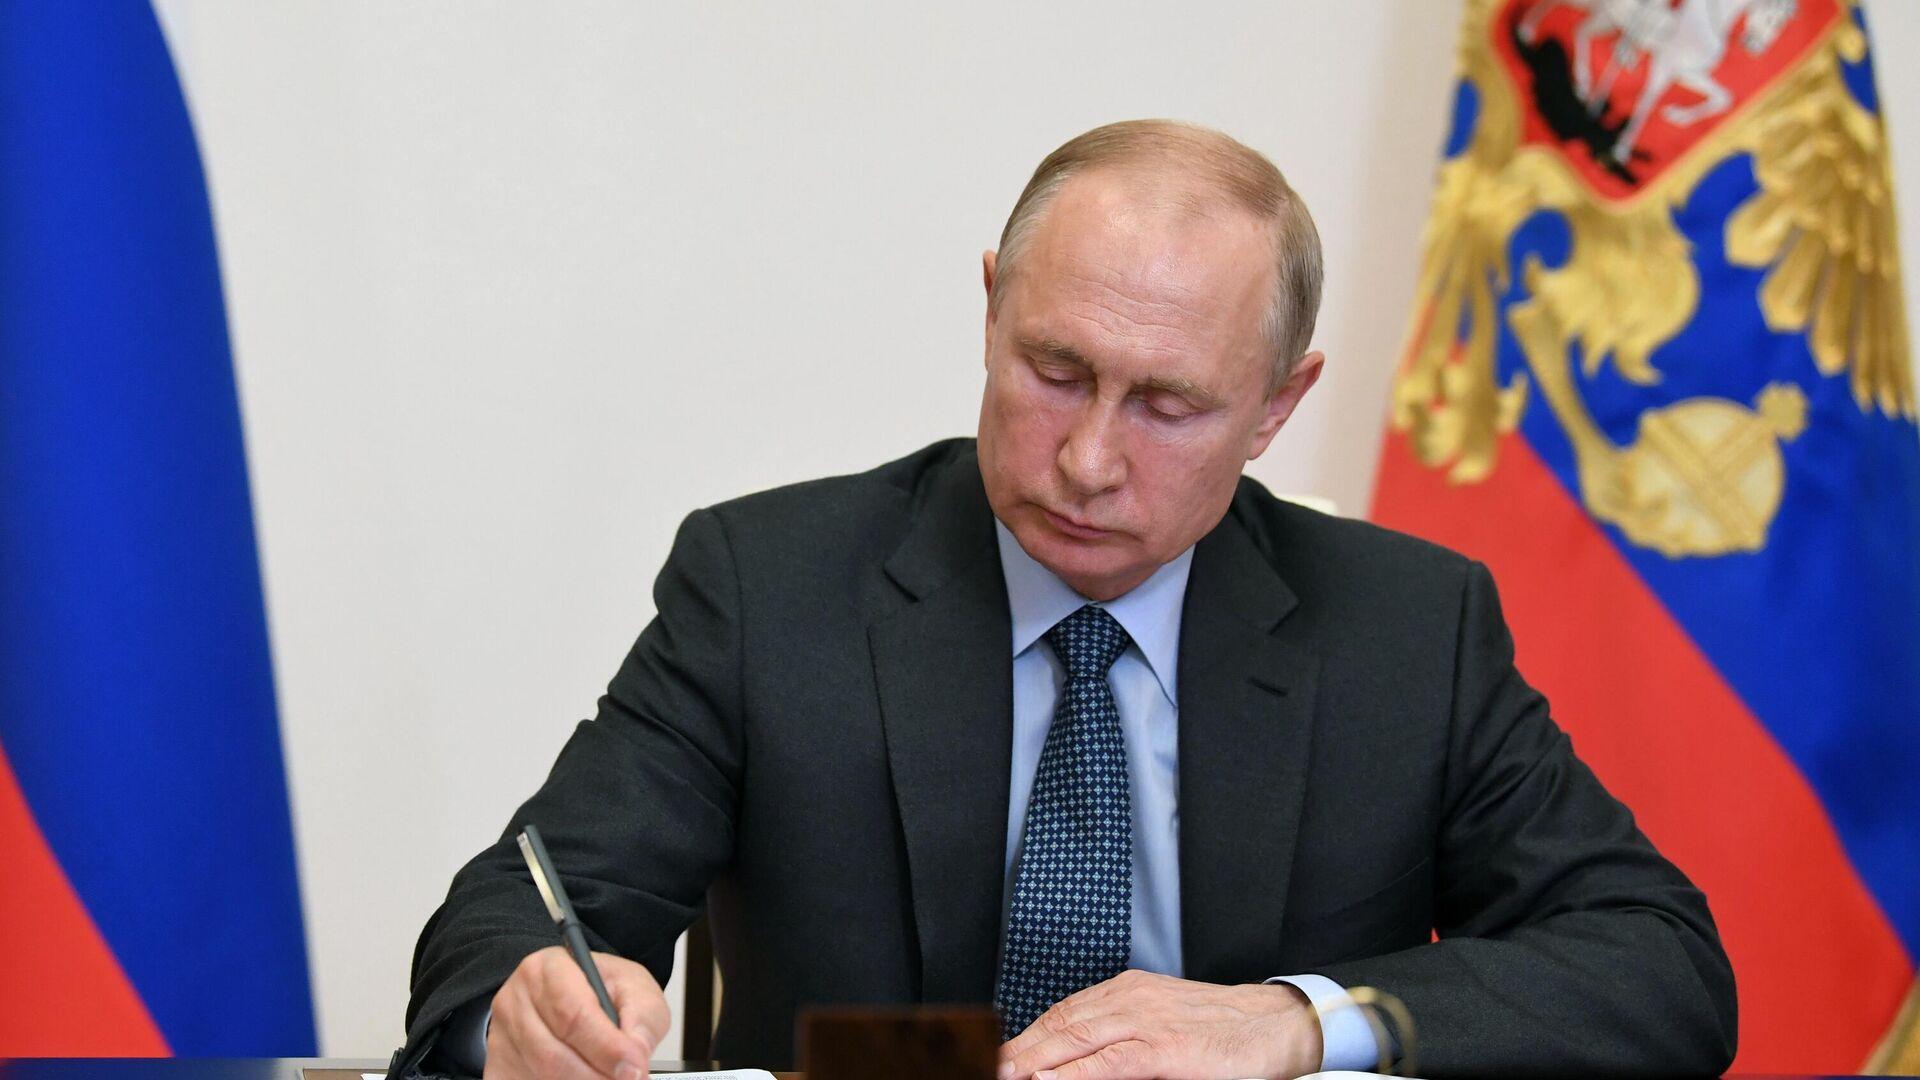 Президент России Владимир Путин во время встречи в режиме видеоконференции - РИА Новости, 1920, 21.07.2021